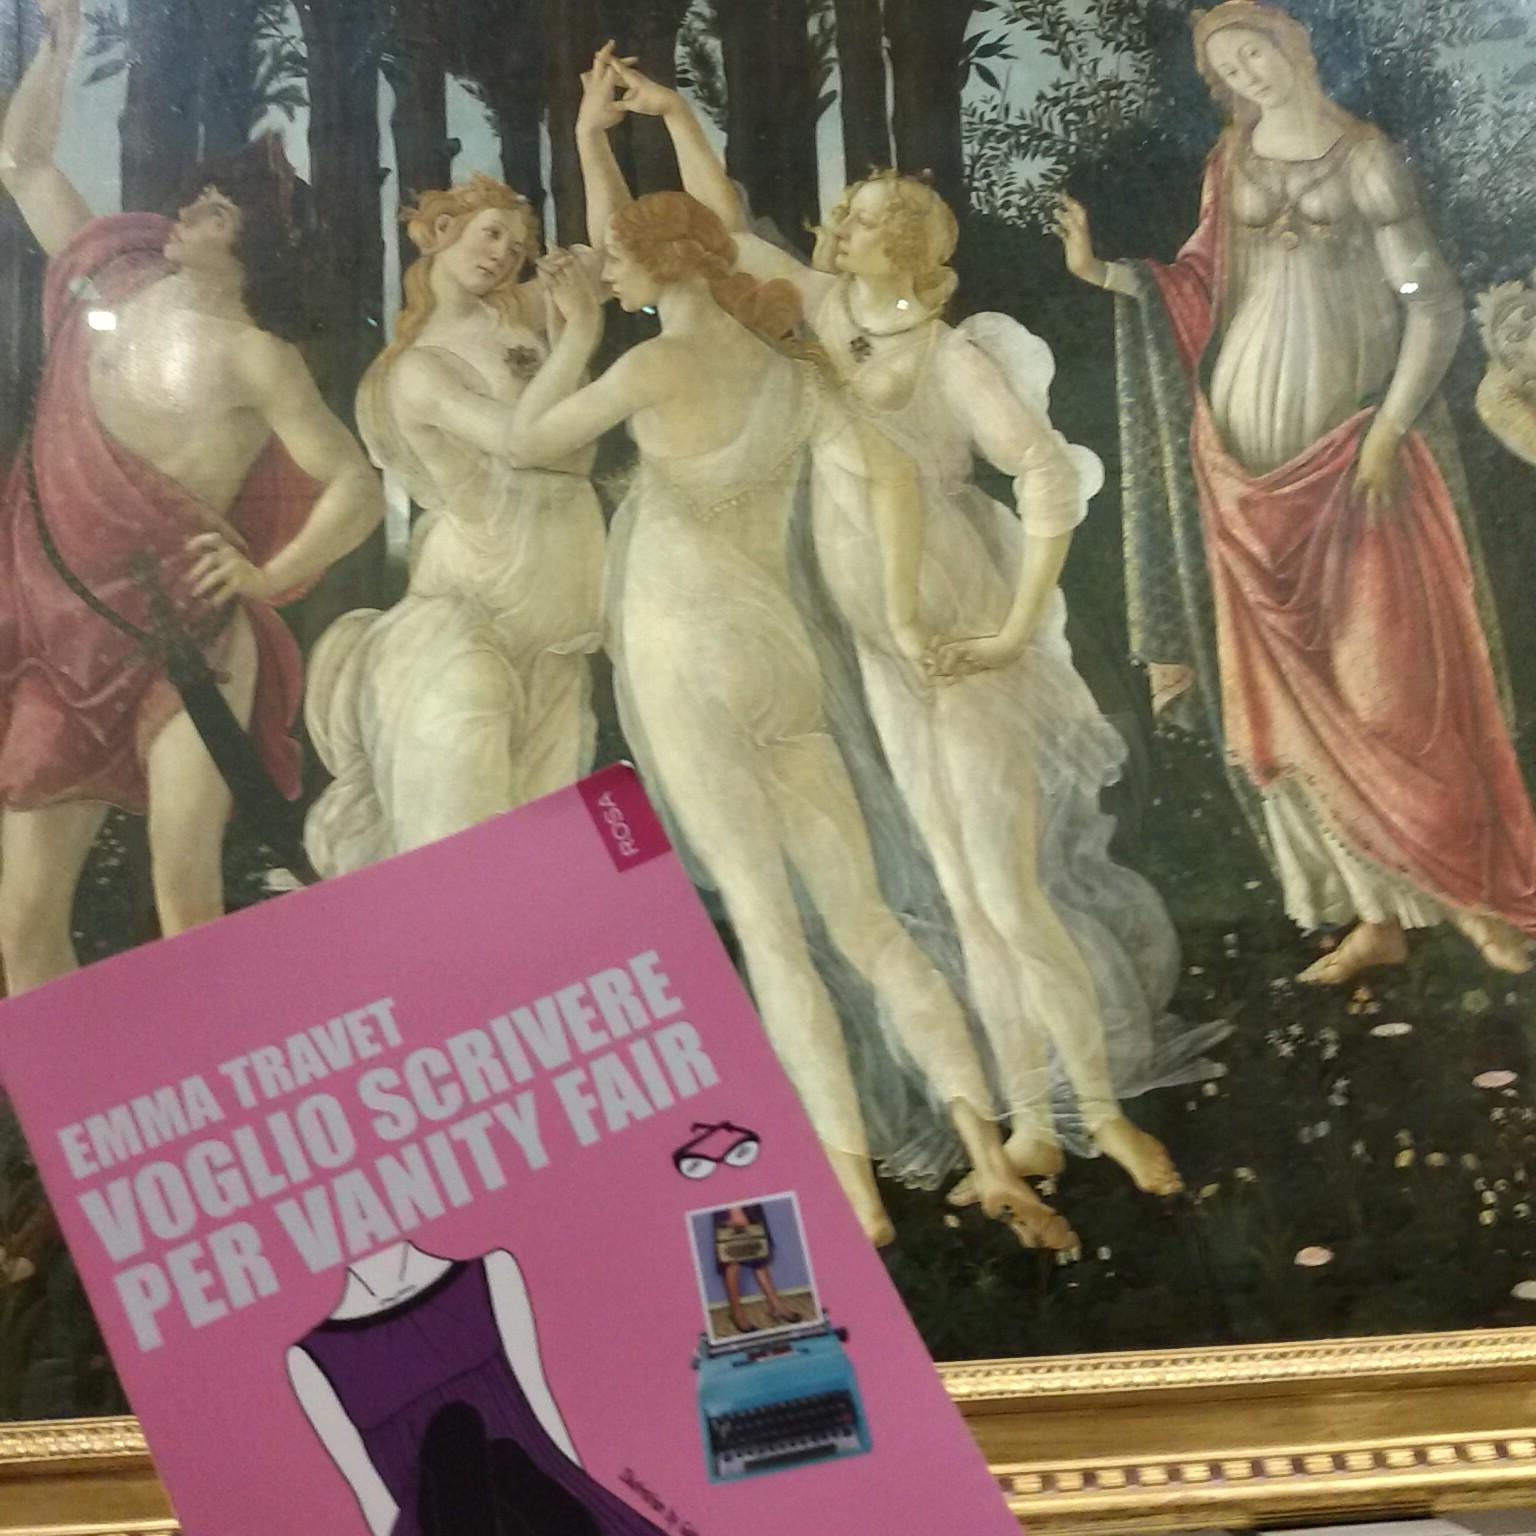 La Primavera del Botticelli con emmat